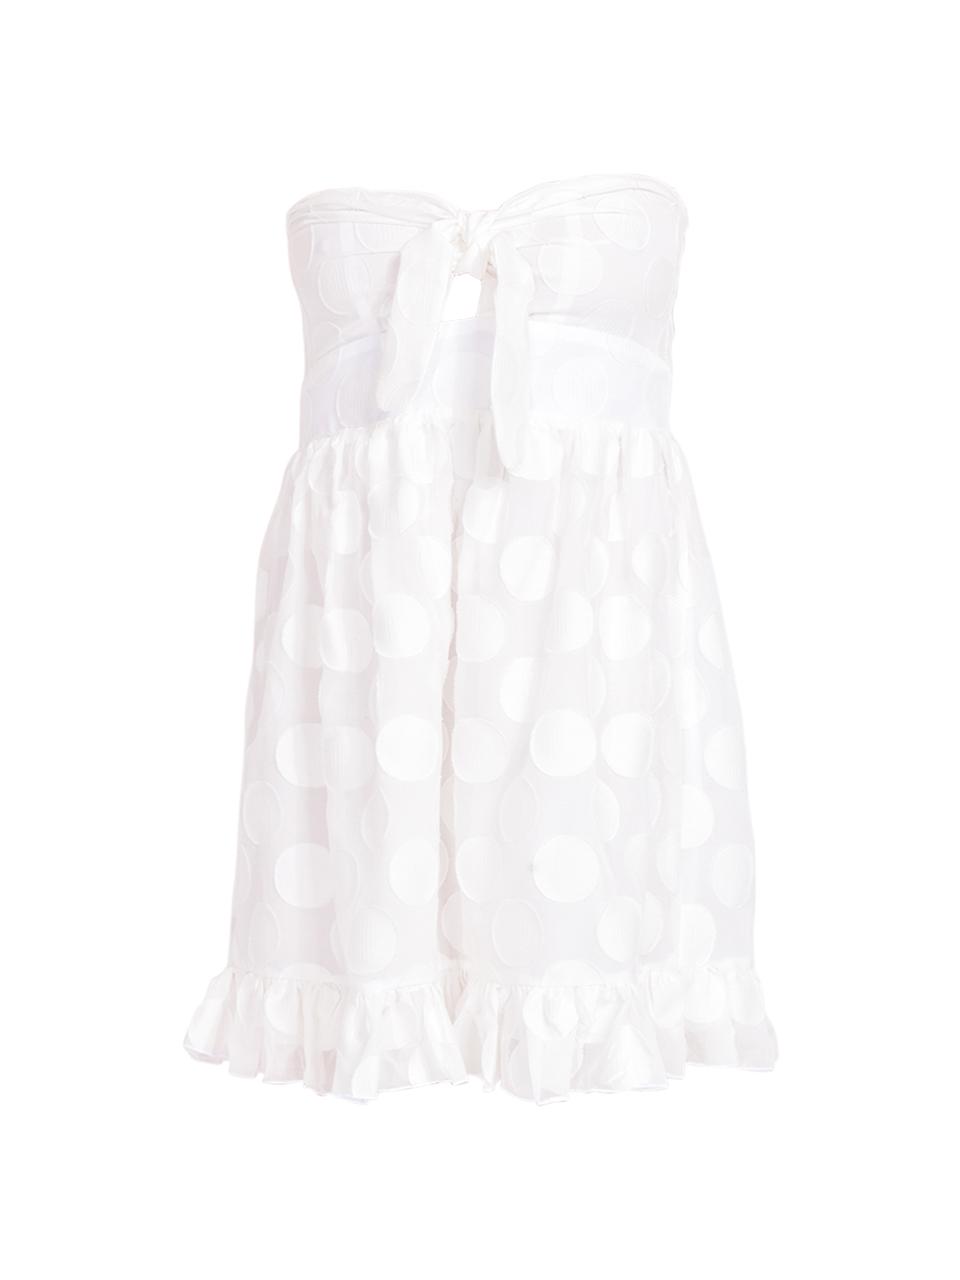 Karina Grimaldi Annie Dot Mini Dress in White Product Shot